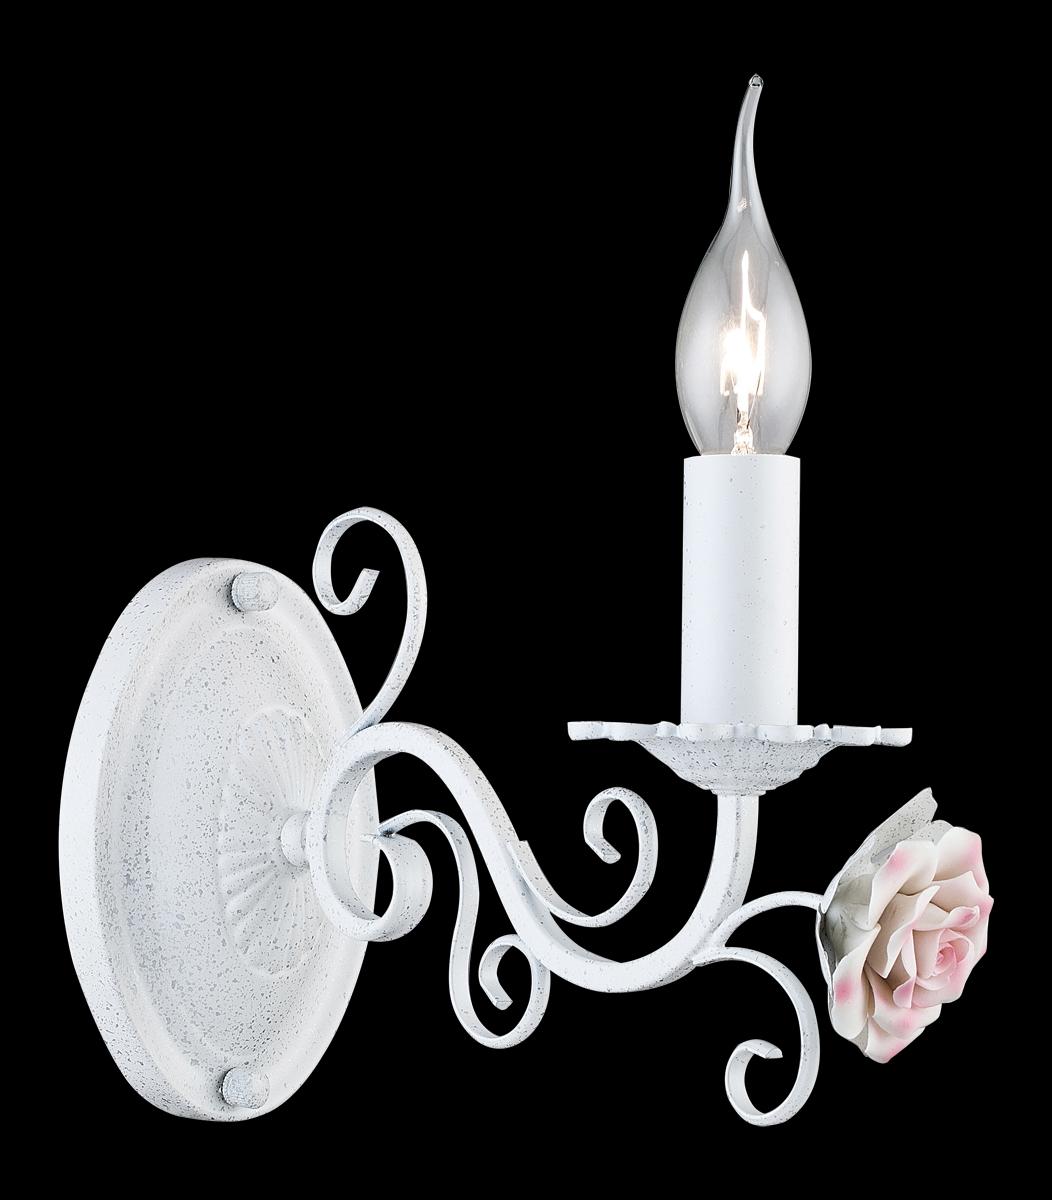 Бра Natali Kovaltseva Olga, 1 х E14, 40W. 11384/1WOLGA 11384/1W WHITE SILVERБра Natali Kovaltseva, выполненное в изысканном классическом стиле, станет украшением вашей комнаты и изысканно дополнит интерьер. Изделие крепится к стене. Такое бра отлично подойдет для освещения кабинета, спальни или гостиной. Бра изящной формы выполнено из металла с покрытием под мрамор и декорировано керамической розочкой. К данному типу светильников отлично подойдет лампочка в форме свечи. В коллекциях Natali Kovaltseva представлены разные стили - от классики до хайтека. Дизайн и технологическая составляющая продукции разрабатывается в R&D центре компании, который находится в г. Дюссельдорф, Германия. При производстве продукции используются высококачественные и эксклюзивные материалы: хрусталь ASFOR, муранское стекло, перламутр, 24-каратное золото, бронза. Производство светильников соответствует стандарту системы менеджмента качества ISO 9001-2000. На всю продукцию ТМ Natali Kovaltseva распространяется гарантия.